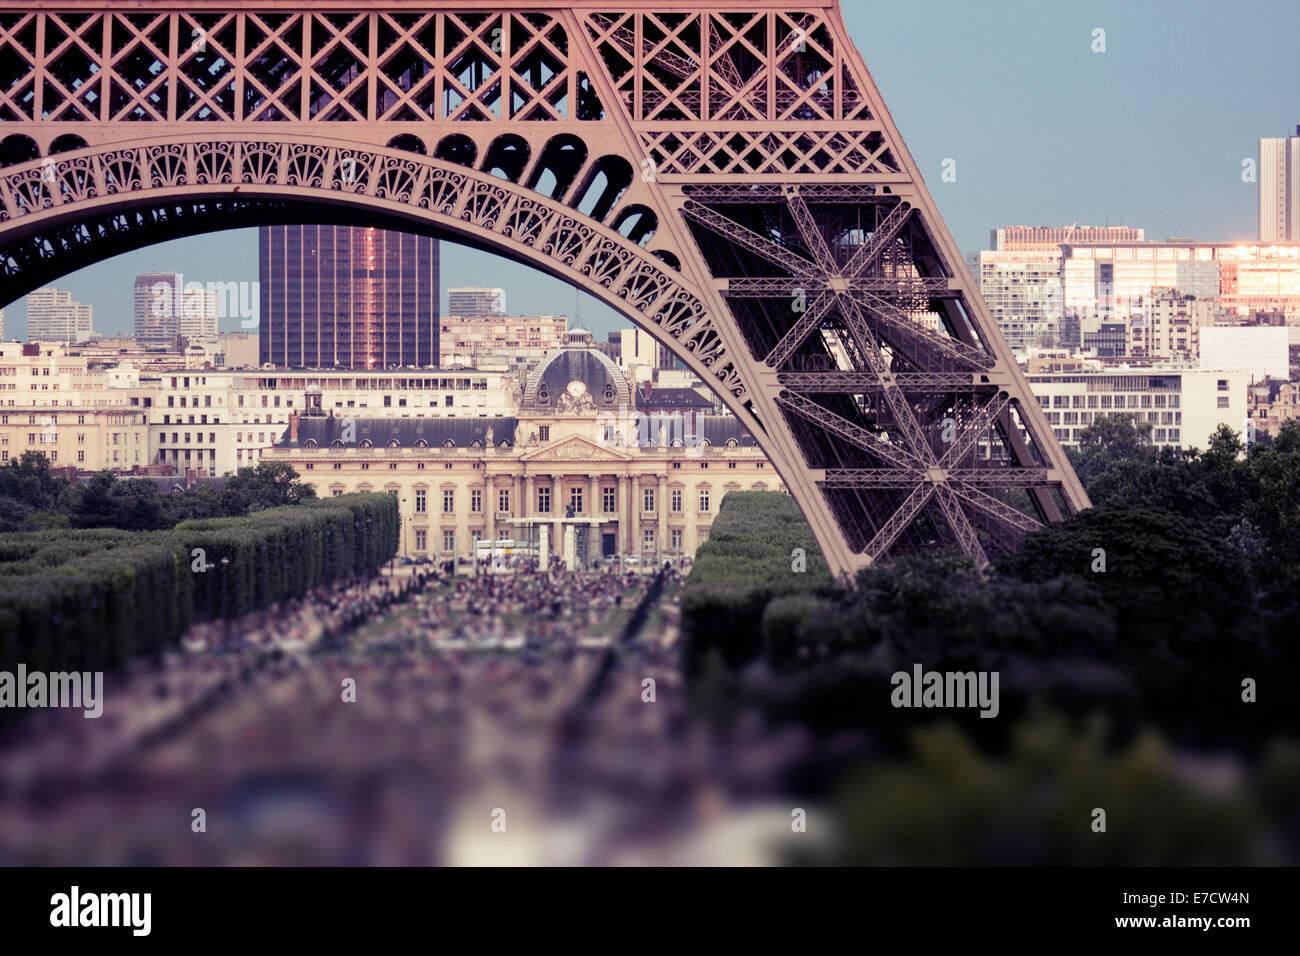 Crowds under Eiffel Tower, Champ de Mars, Paris, France - Stock Image